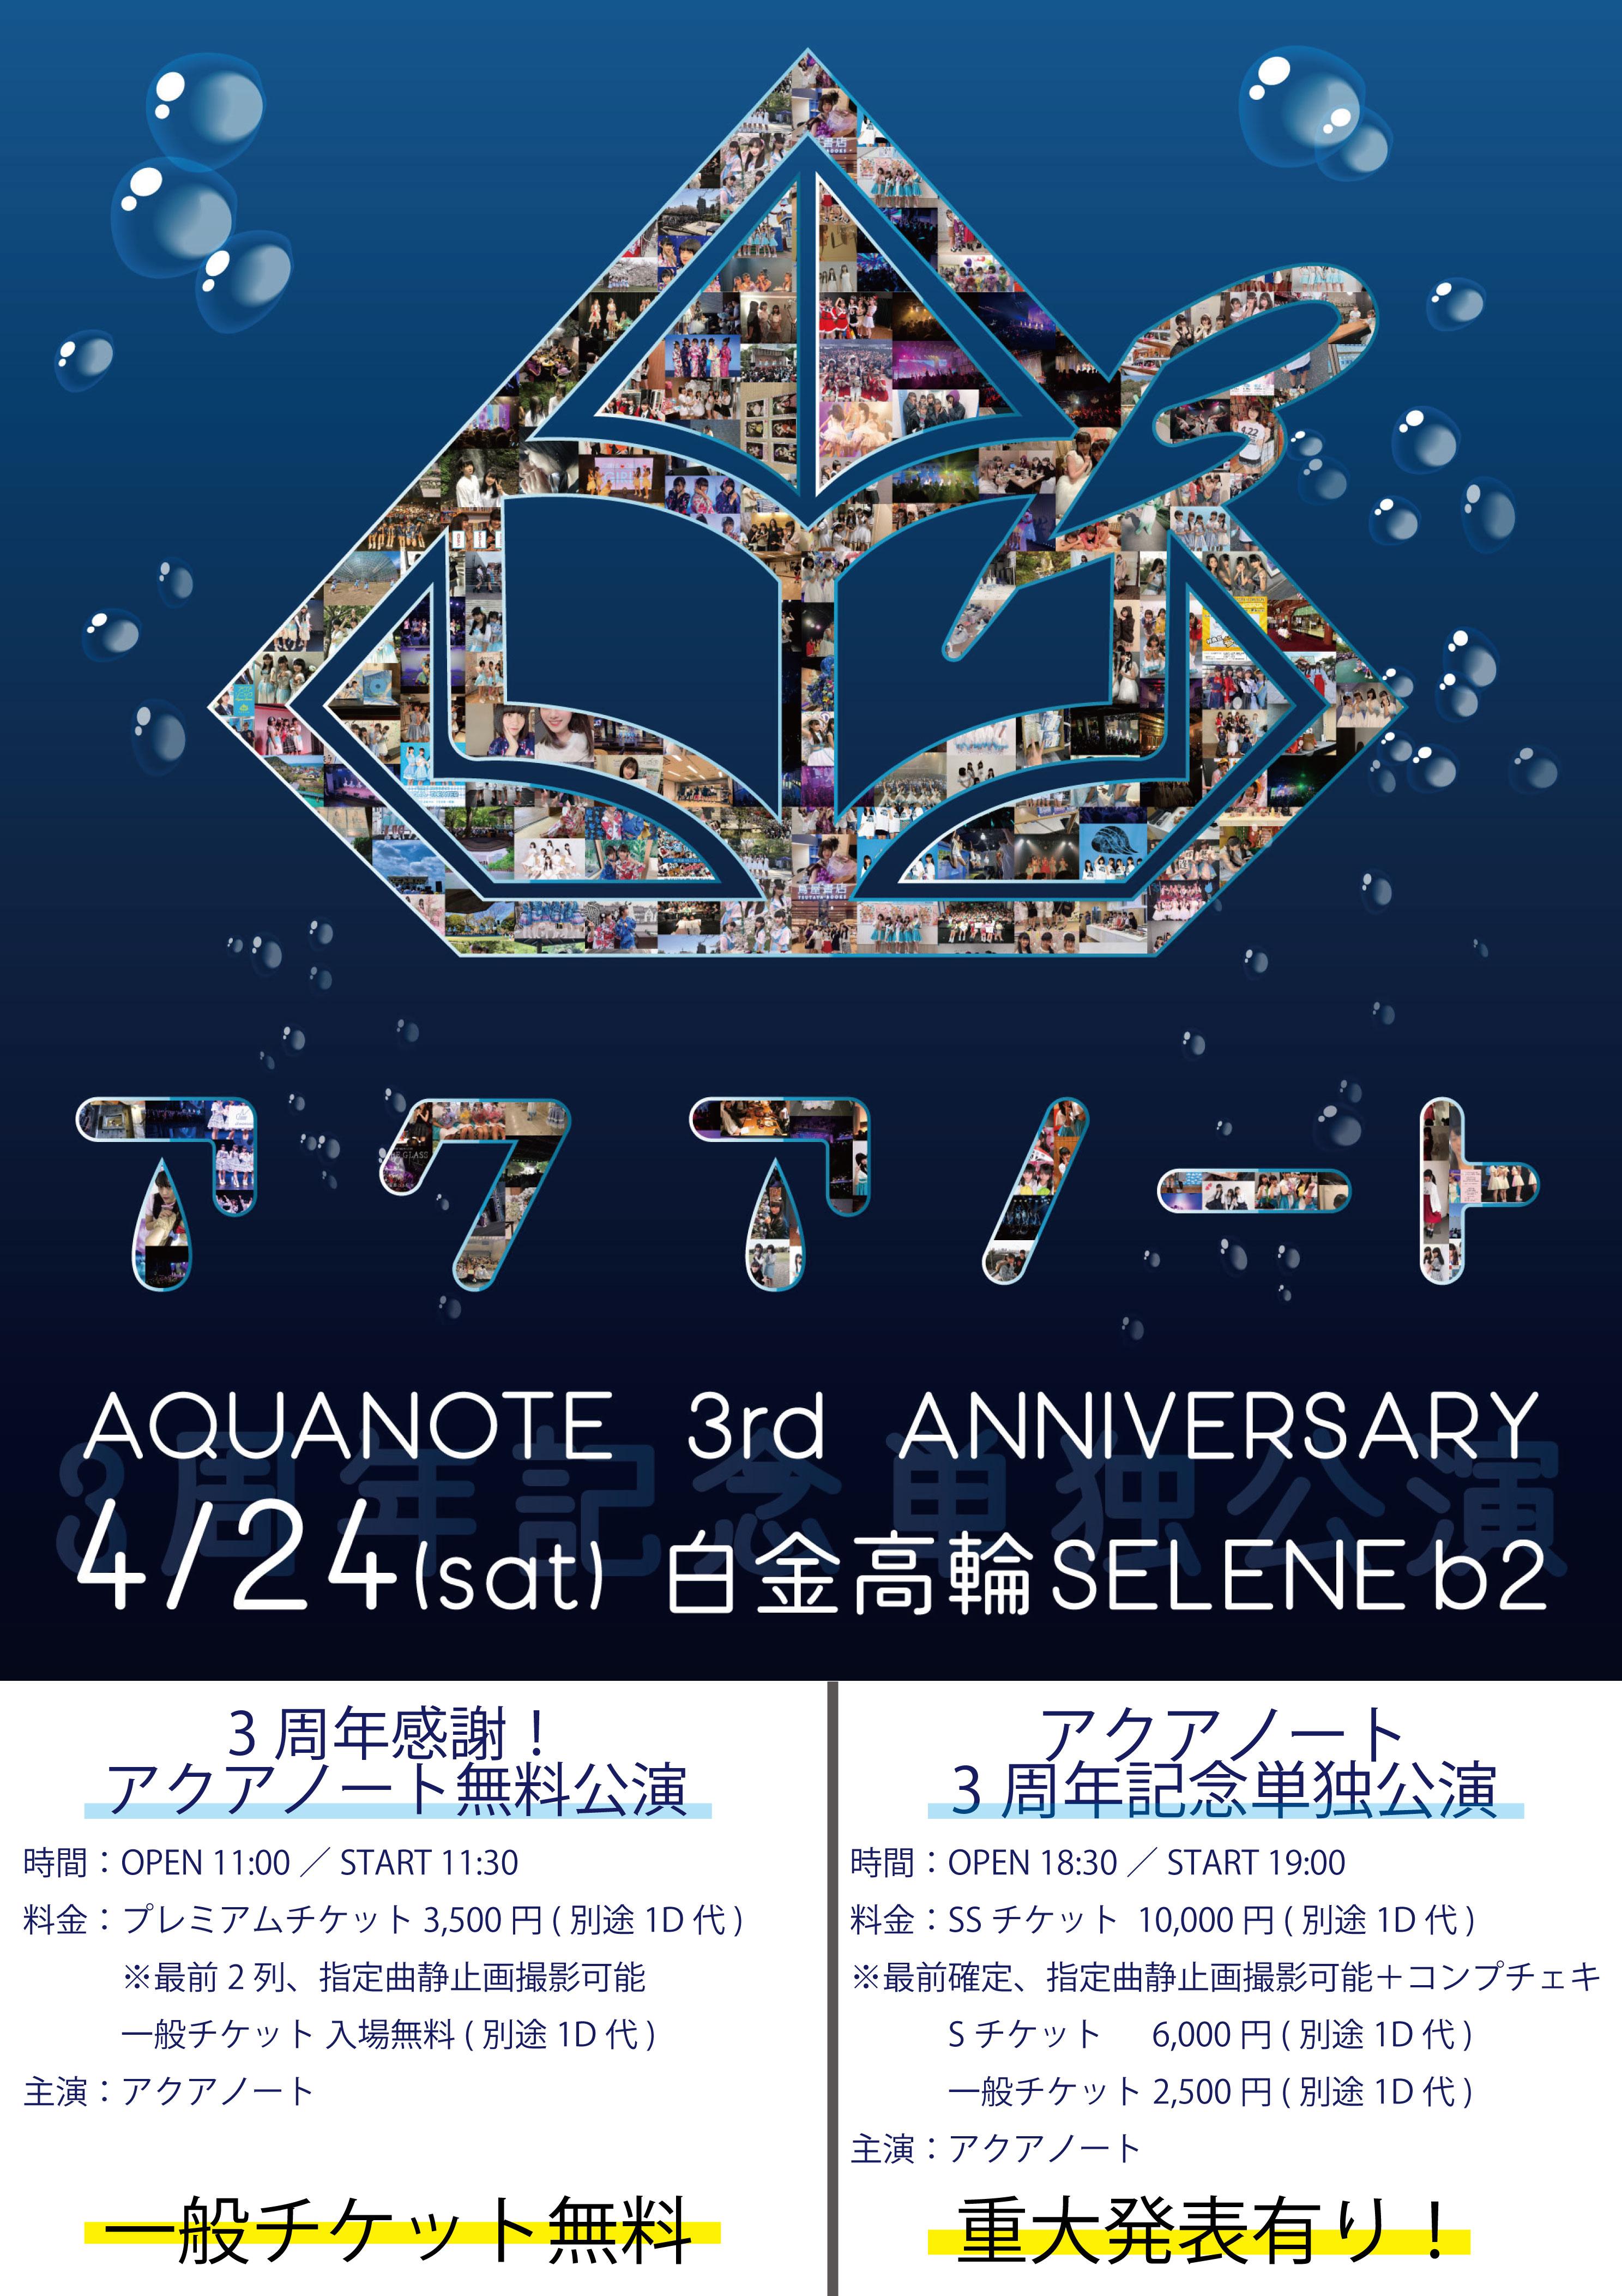 アクアノート3rd Anniversary『3周年感謝!アクアノート無料公演』